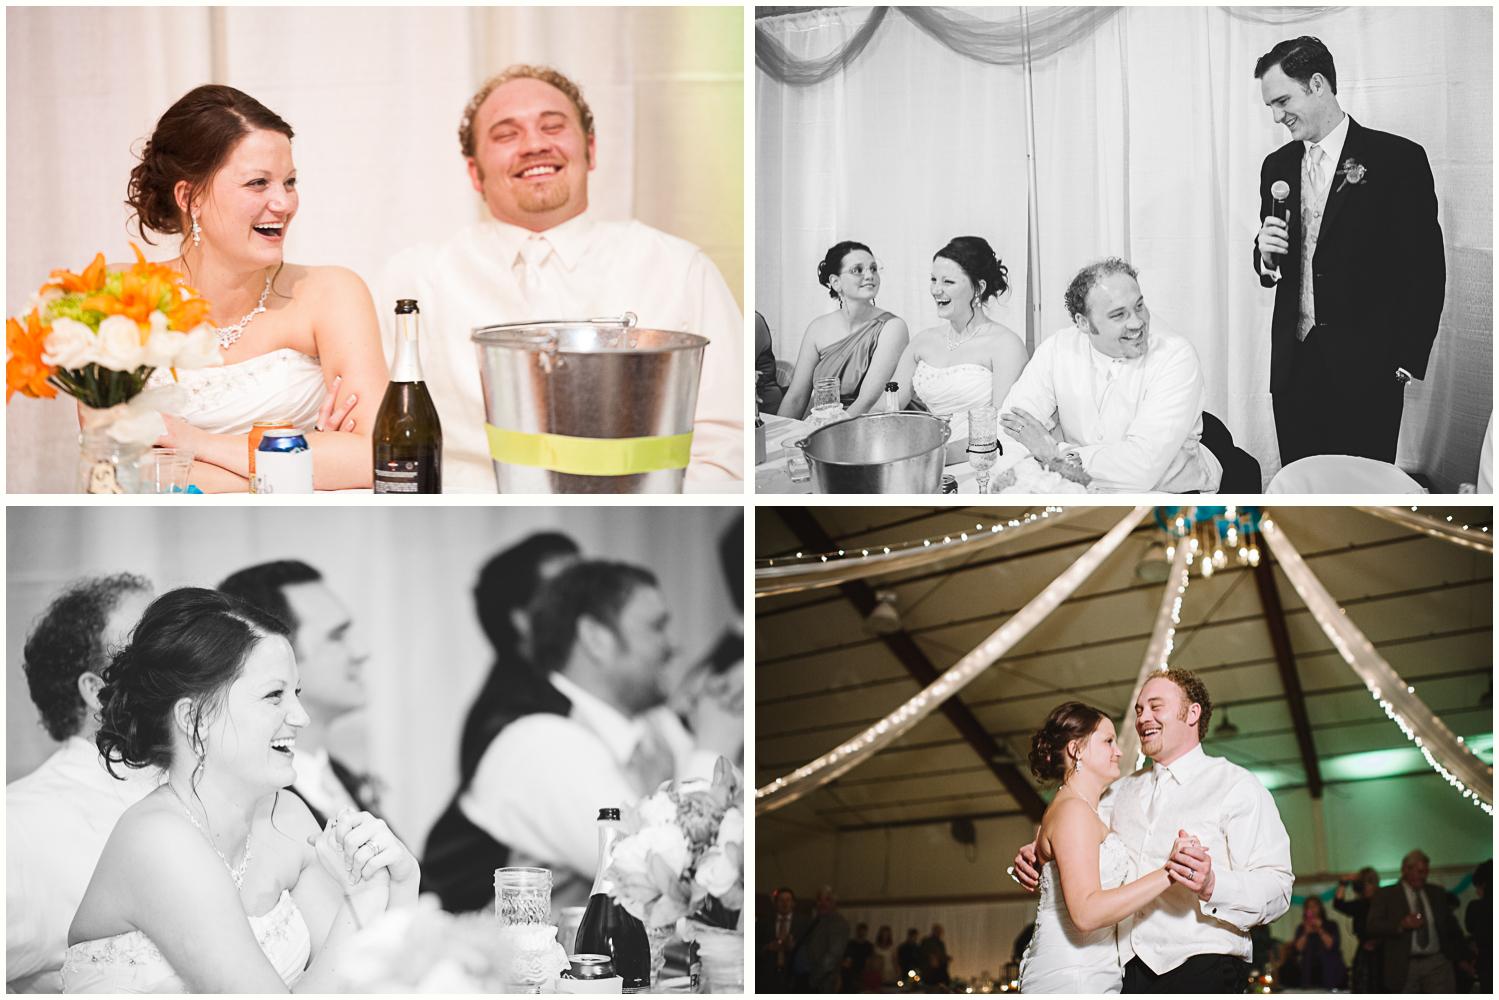 sarahtylerwedding_09.jpg